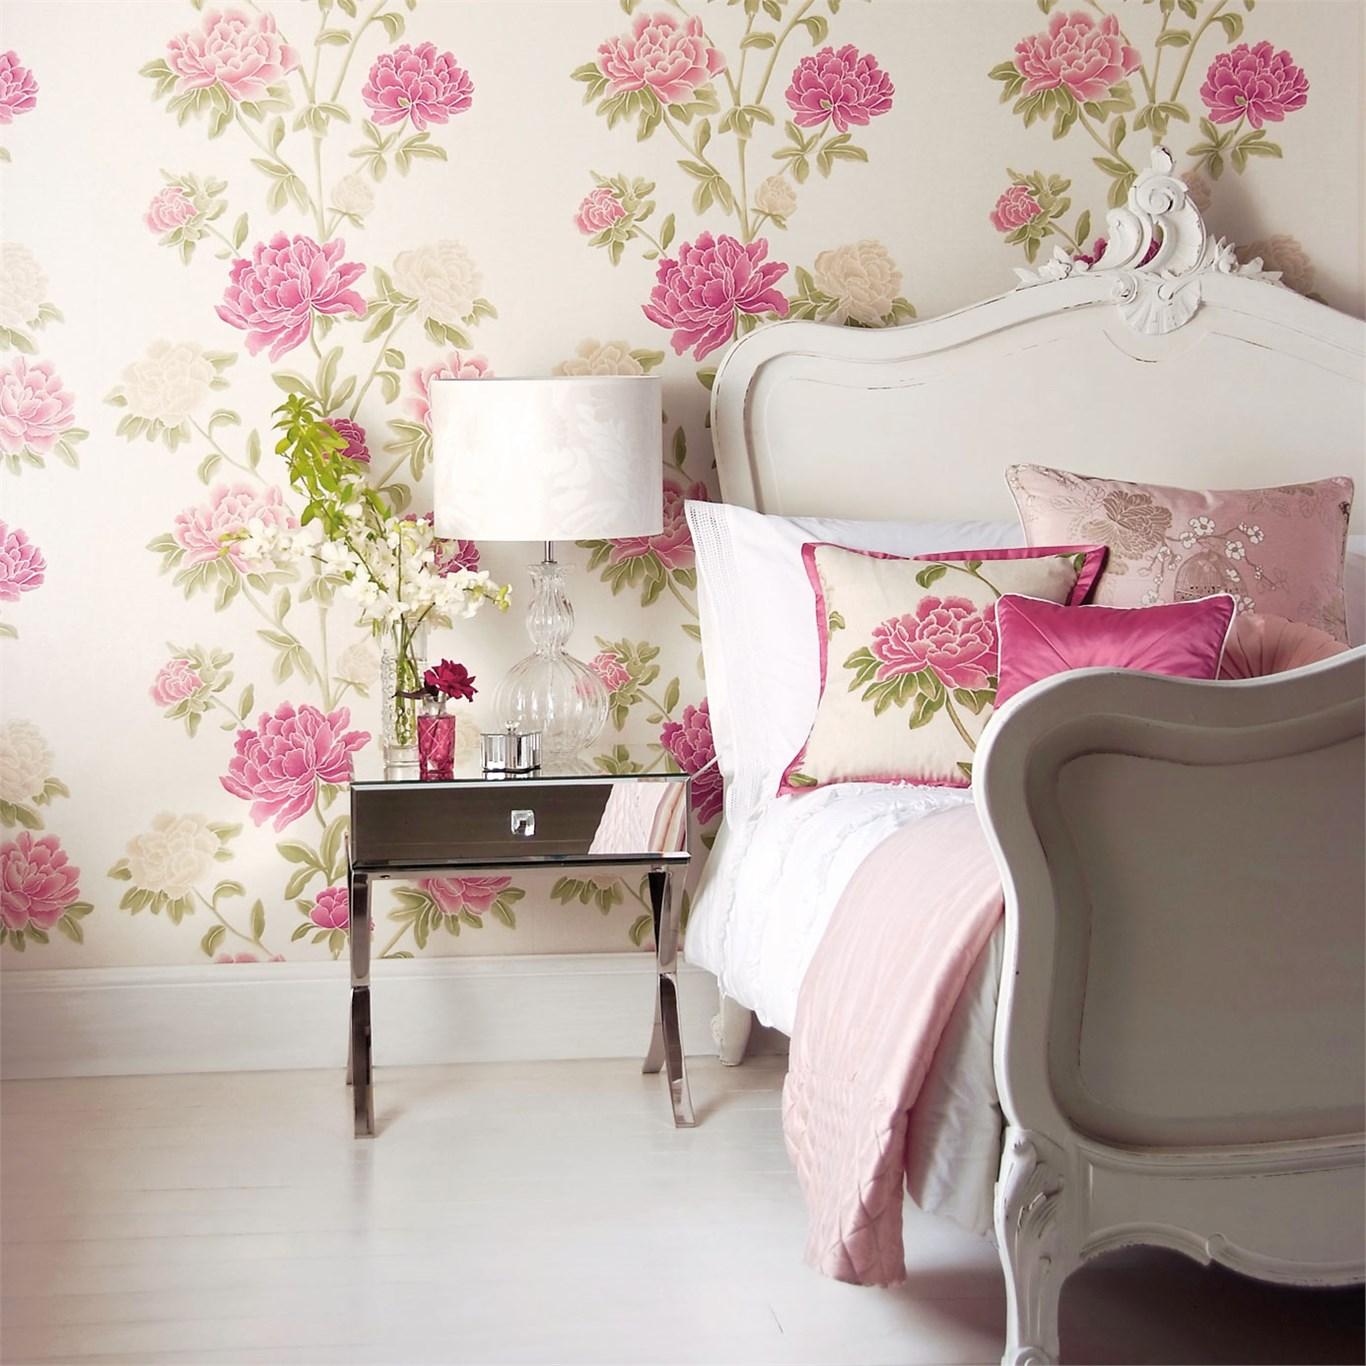 Papel pintado dormitorio moderno papel pintado raya azul - Papel pintado para dormitorio juvenil ...